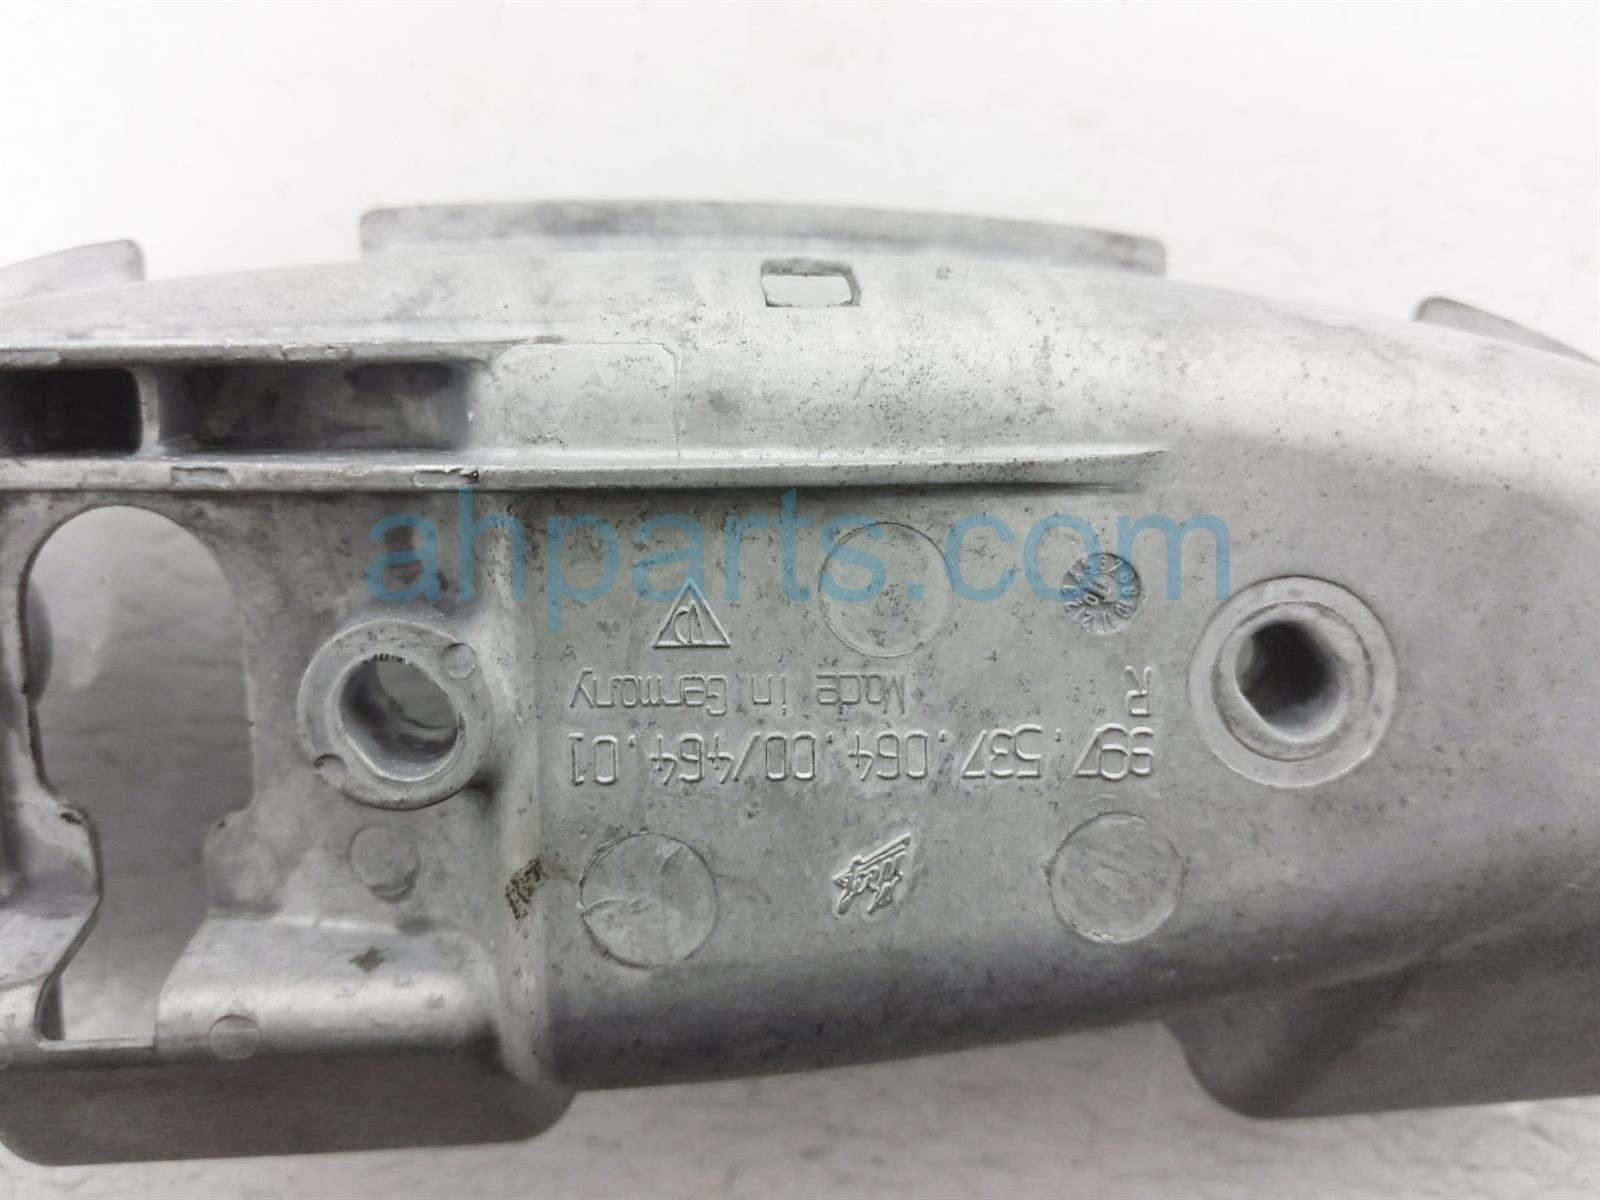 2011 Porsche Cayman Outside/exterior Handle Passenger Exterior Door Reinforcement Assy 997 537 464 01 Replacement